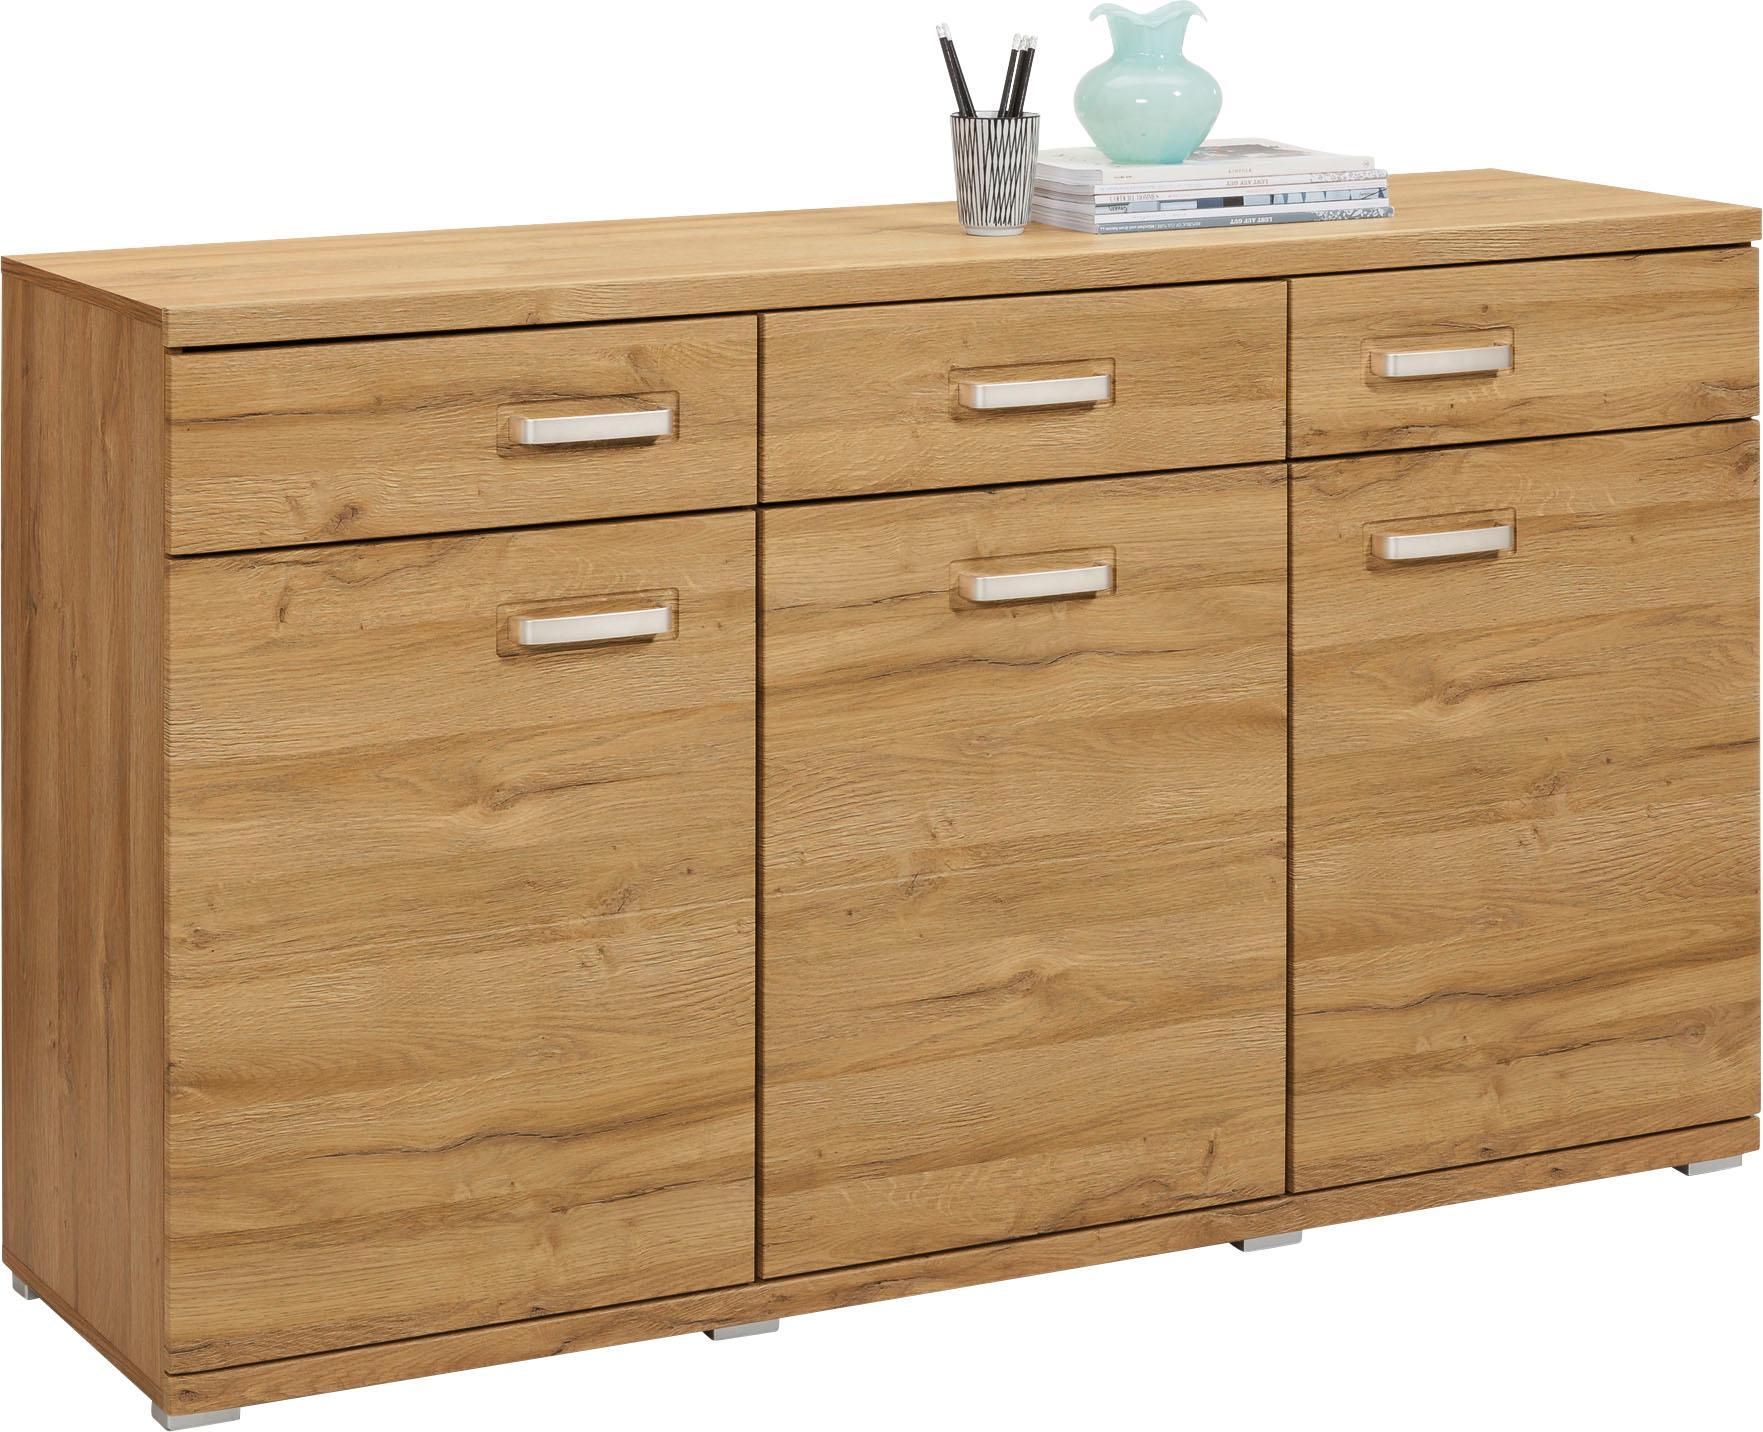 Muster Sideboards Online Kaufen Möbel Suchmaschine Ladendirektde